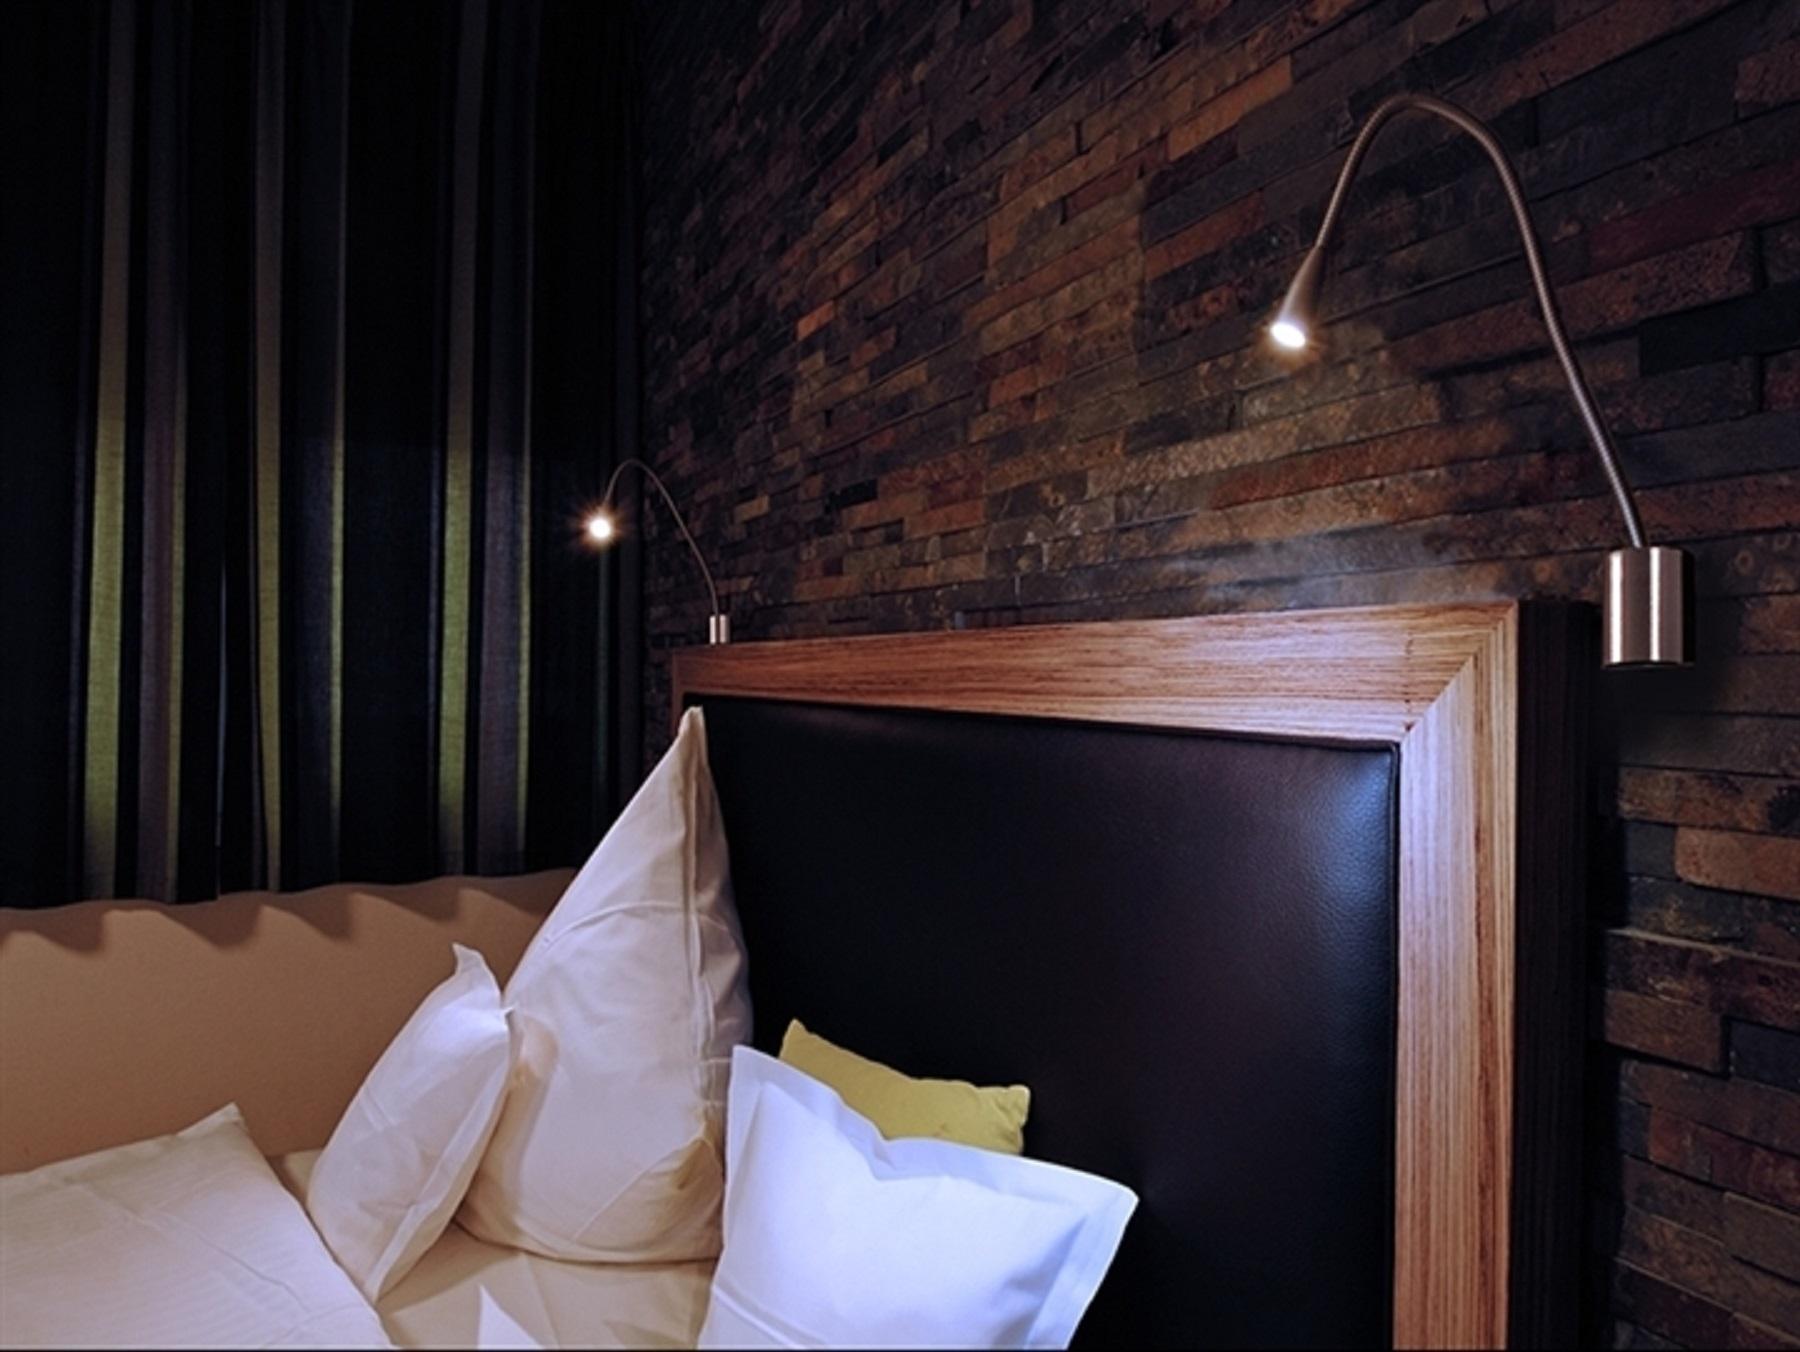 Lampada led da lettura :: prova sito::: luce di lettura